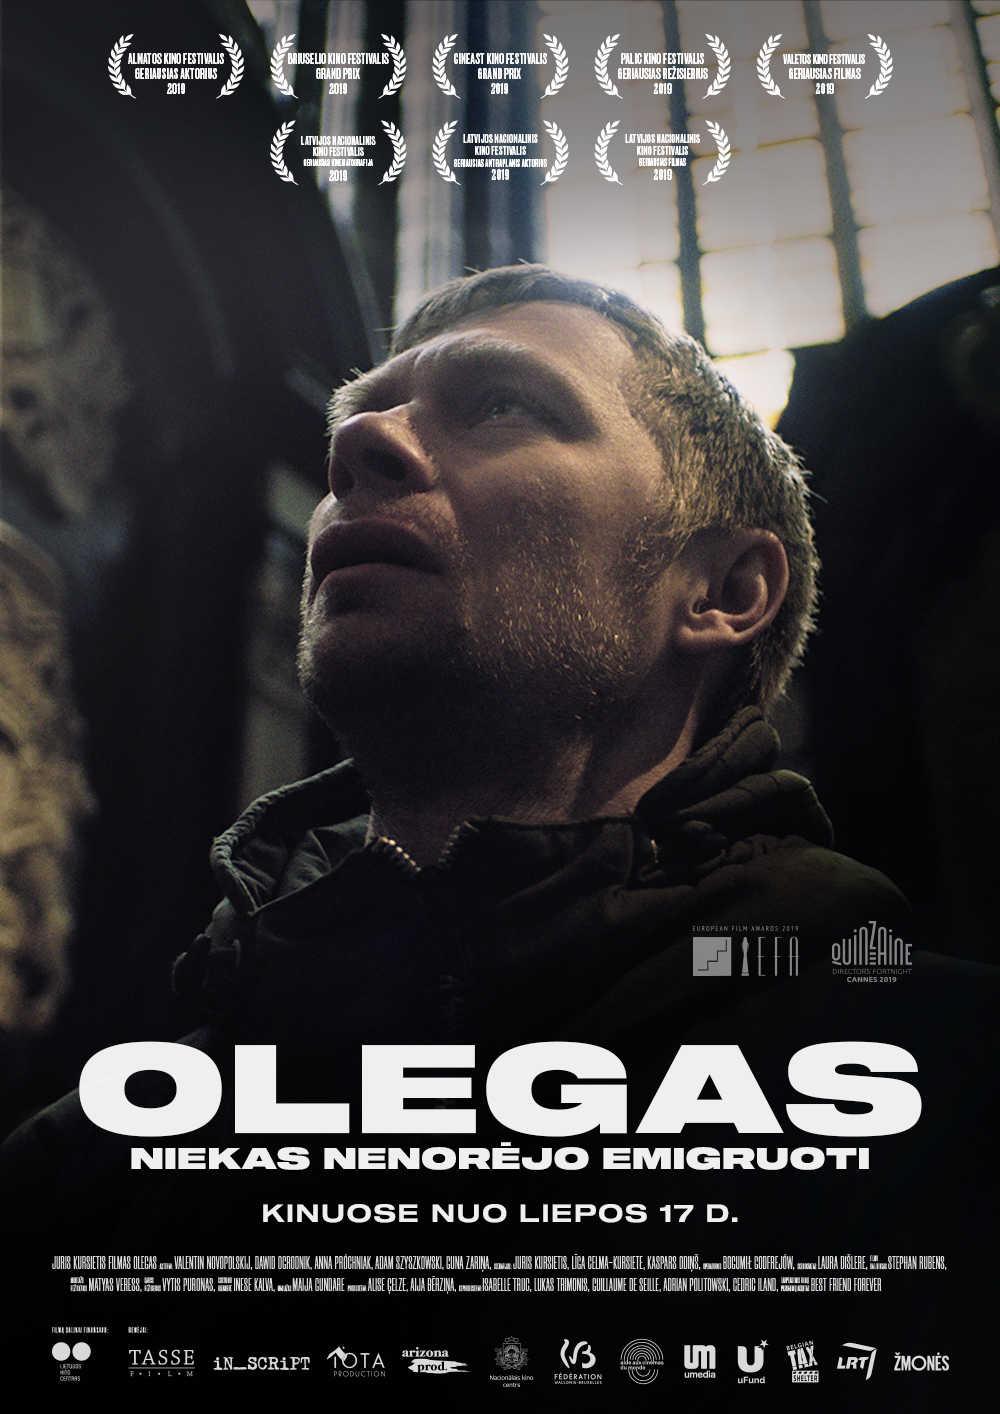 OLEGAS (Oleg)